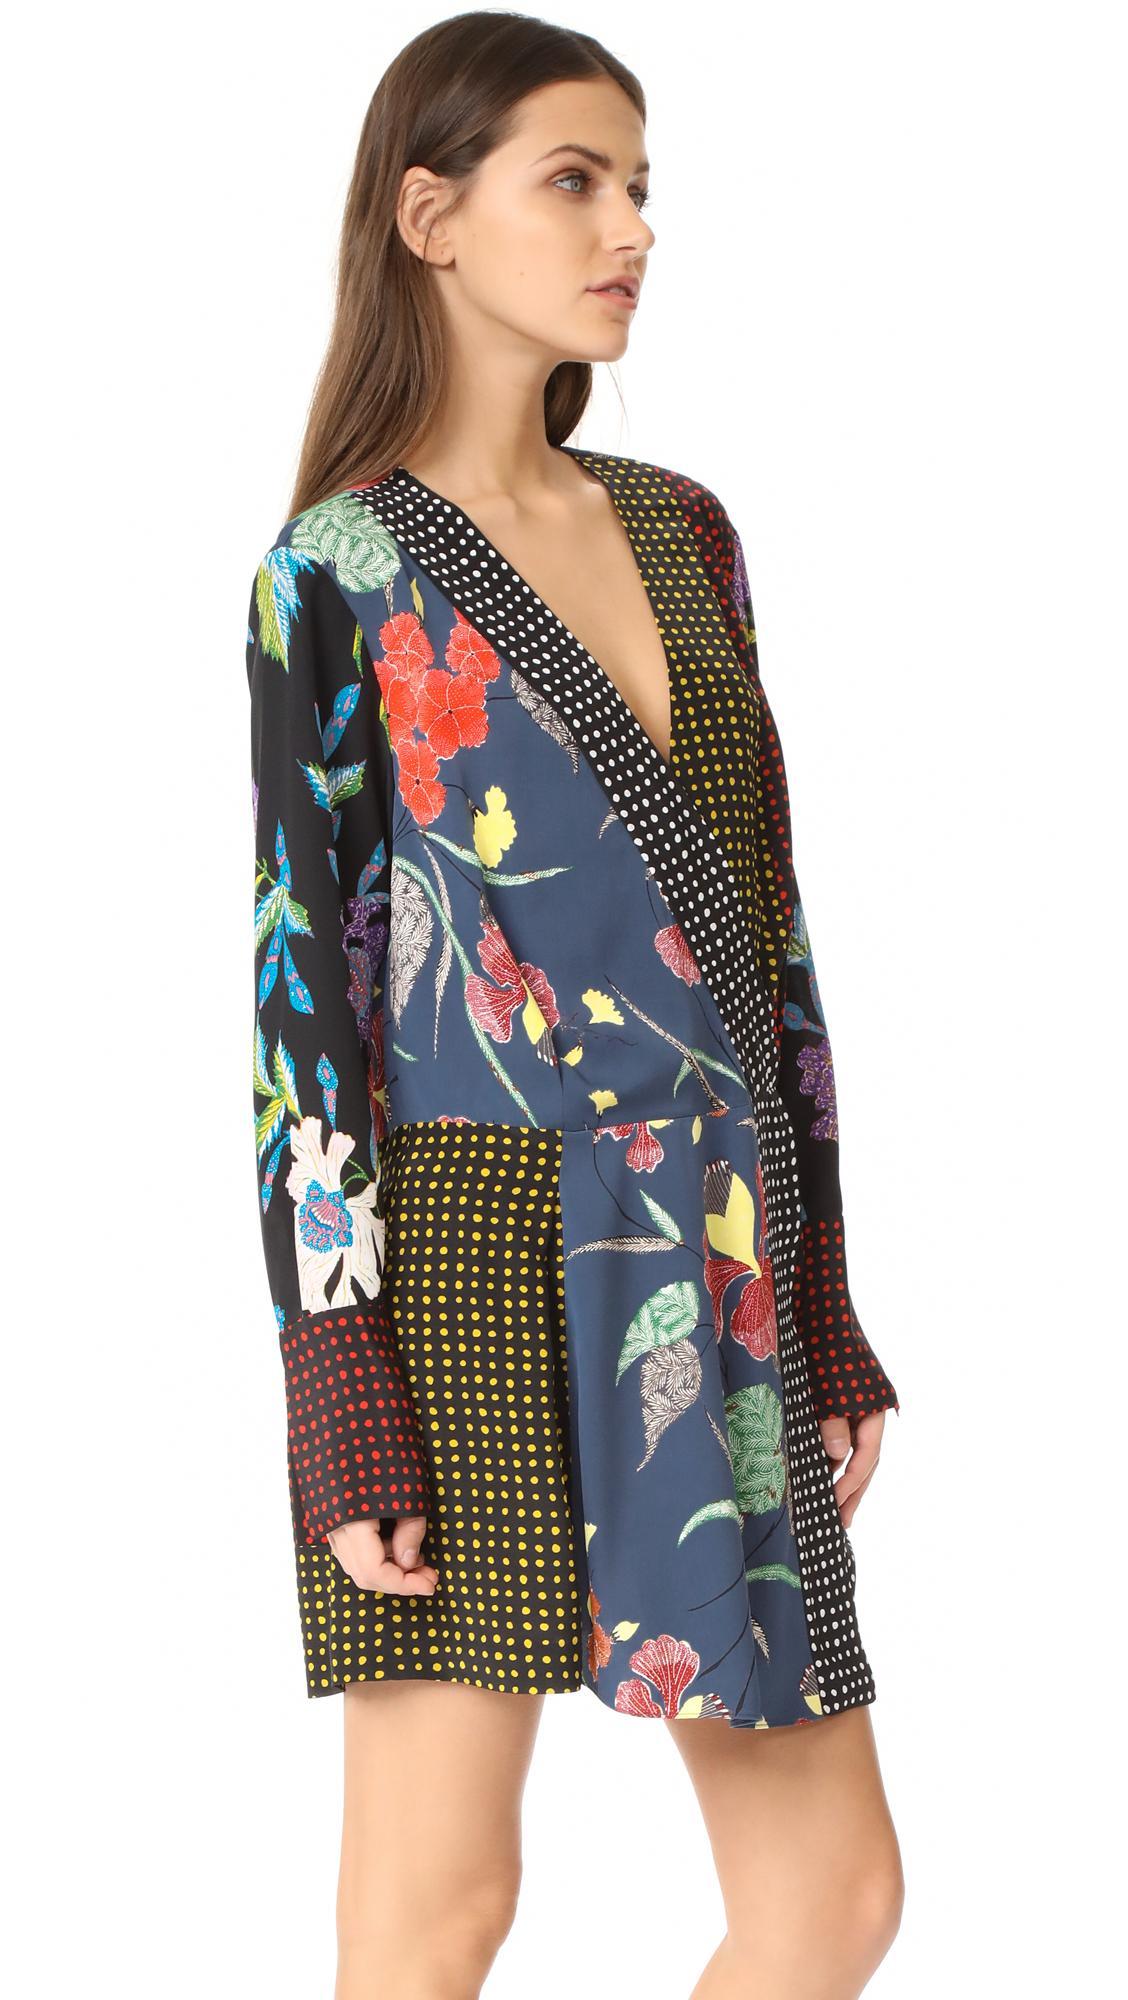 Diane Von Furstenberg Long Sleeve Crossover Dress In Blue